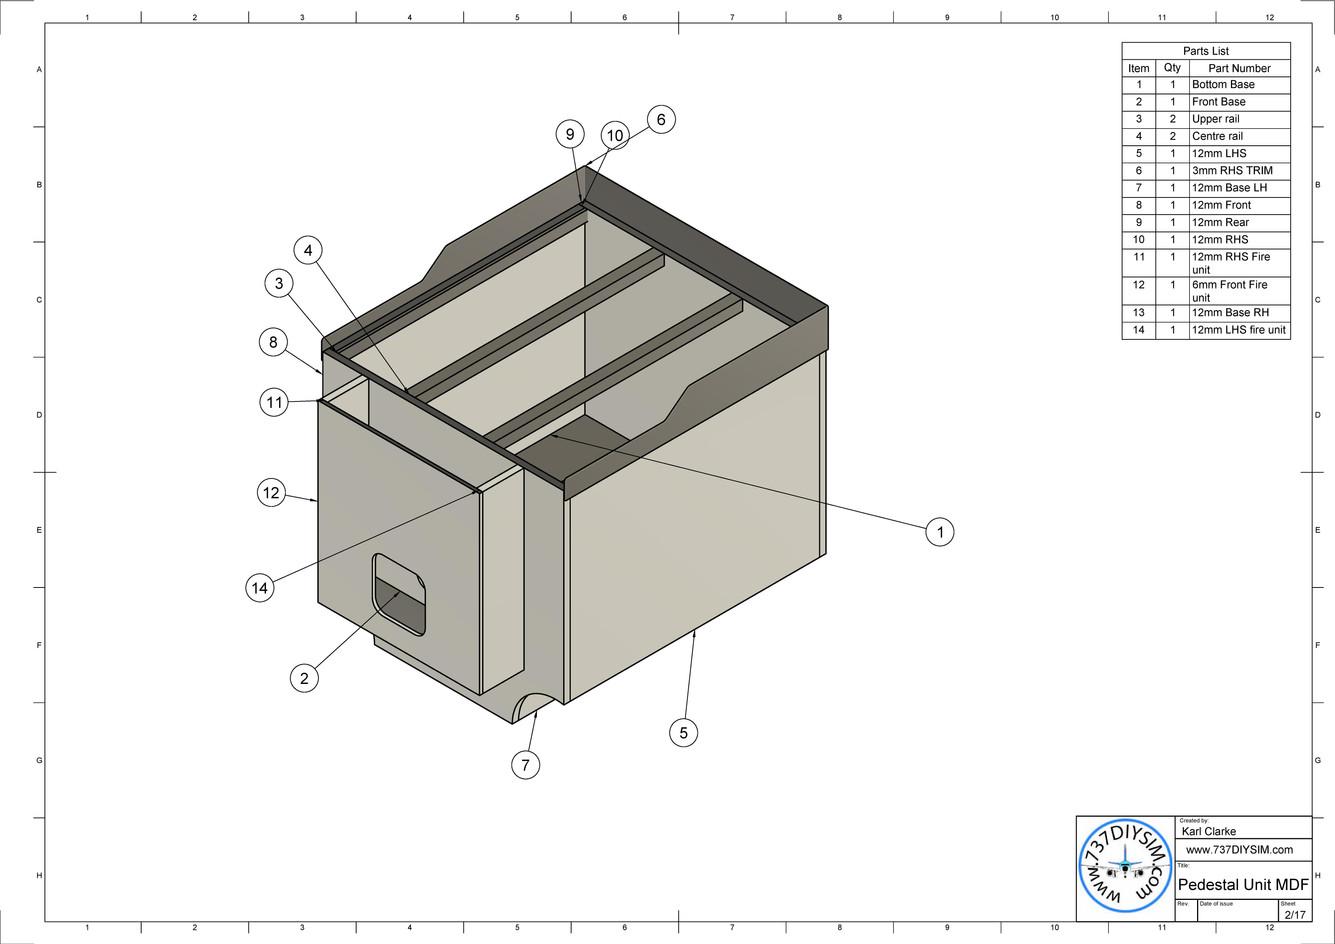 Pedestal Unit MDF Drawing v2-page-002.jp